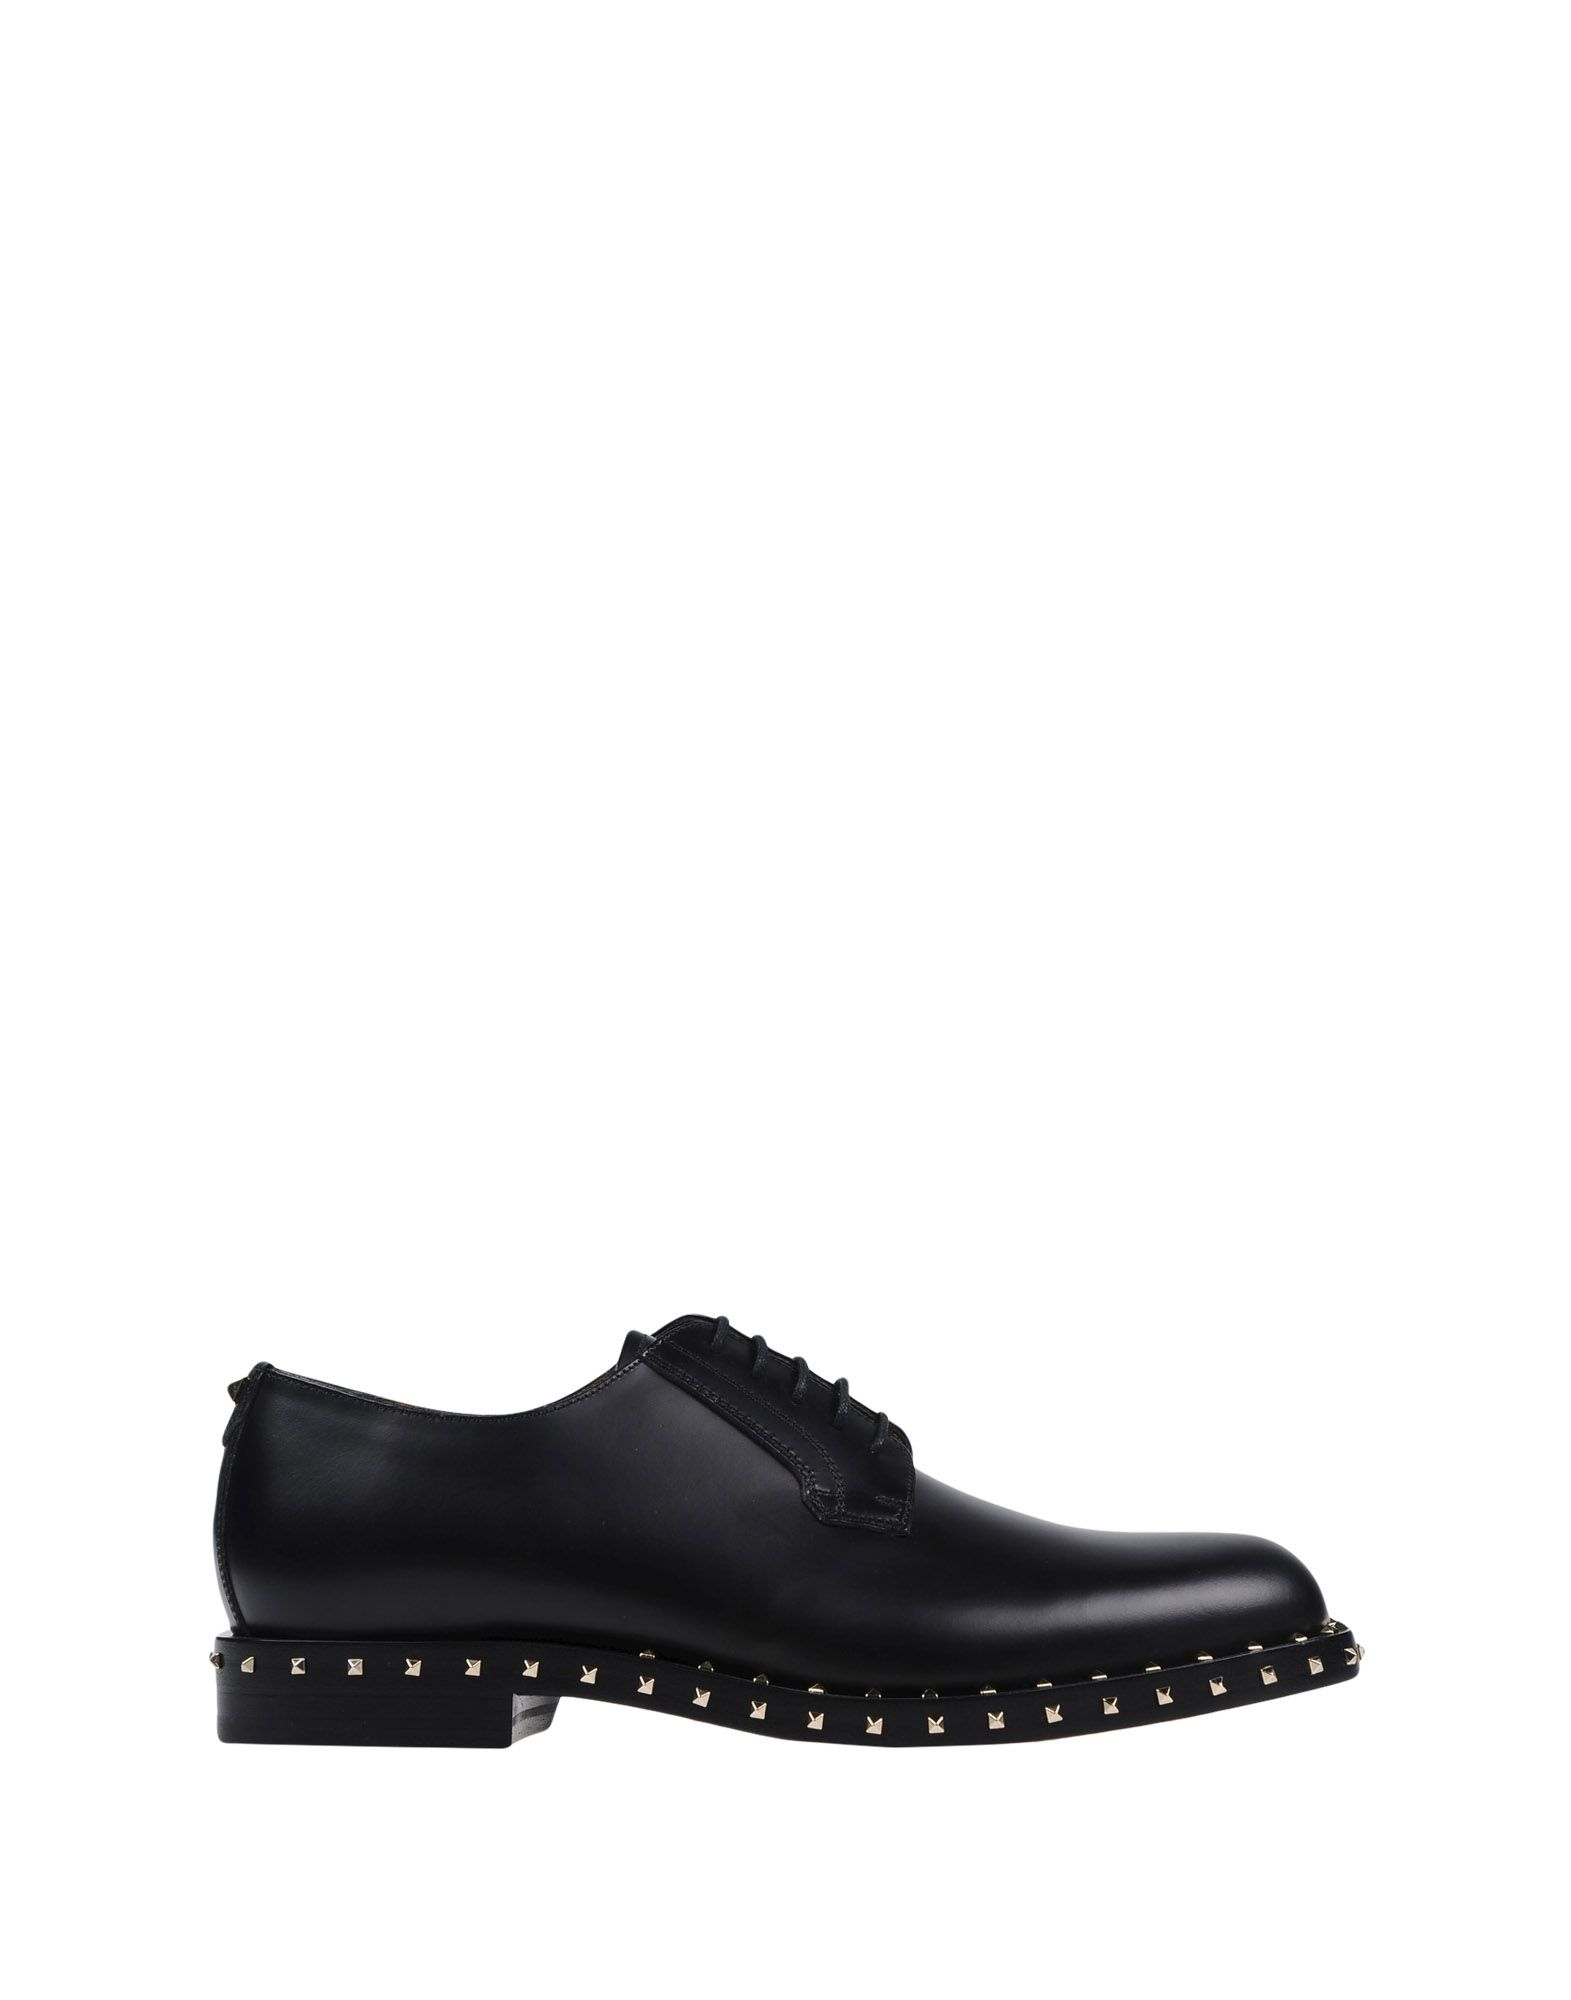 Chaussures À Lacets Valentino Garavani Femme - Chaussures À Lacets Valentino Garavani sur